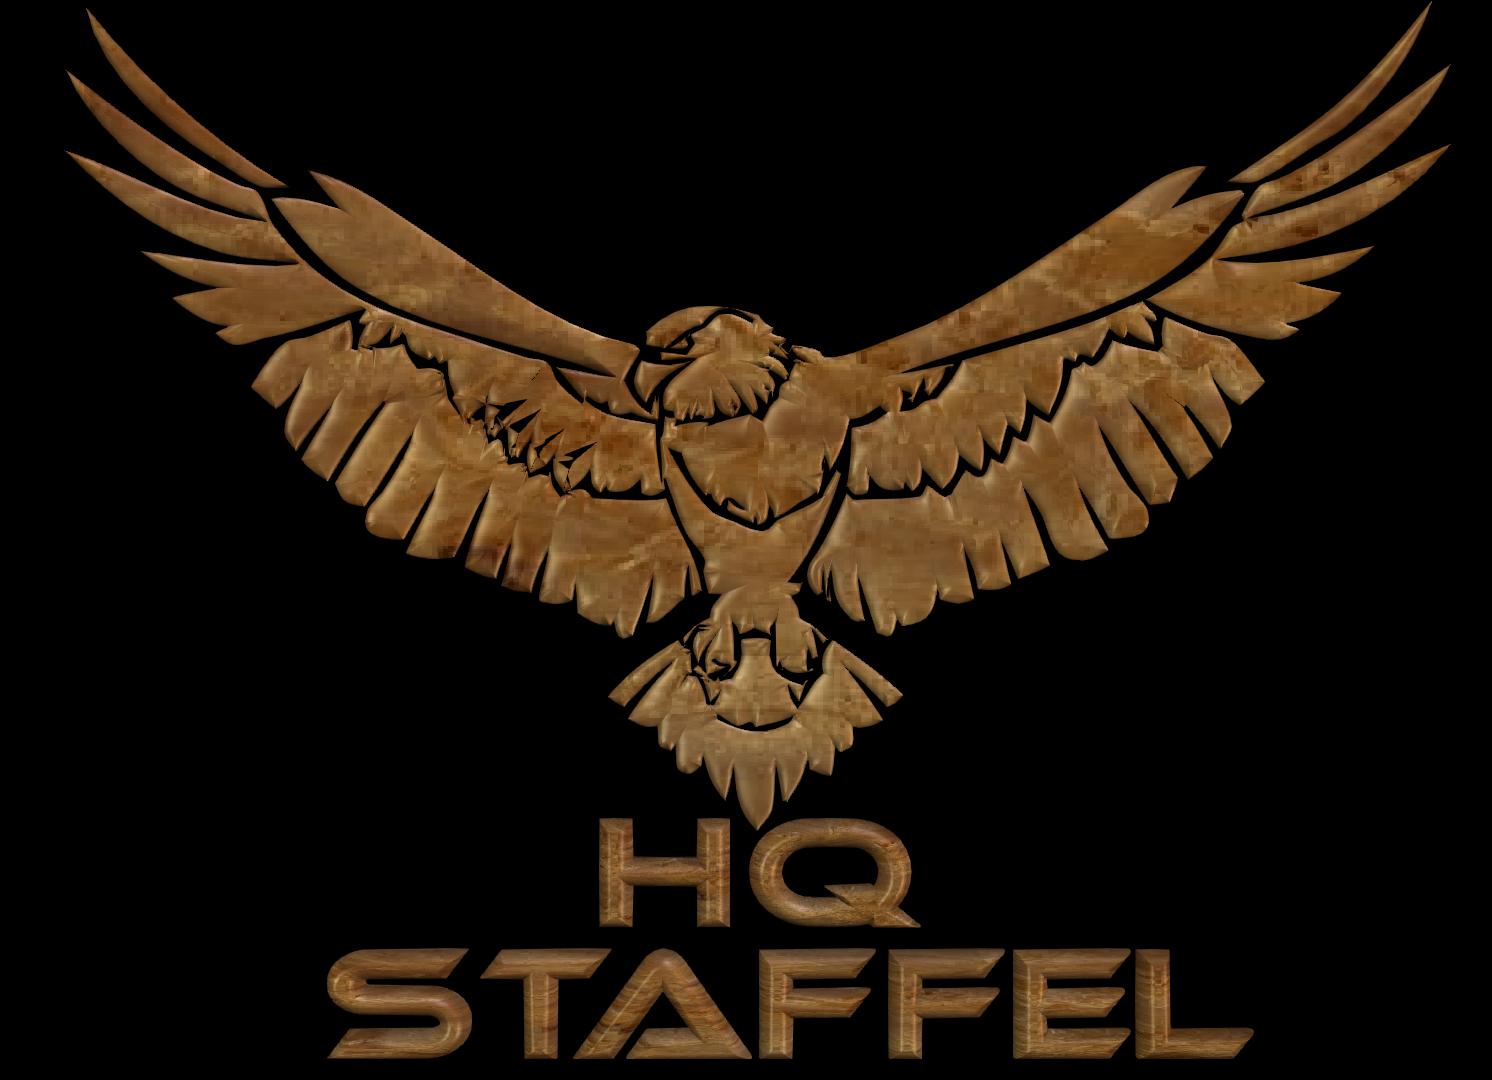 HQ-Staffel-Logo_Adler_02_Holz_01.png